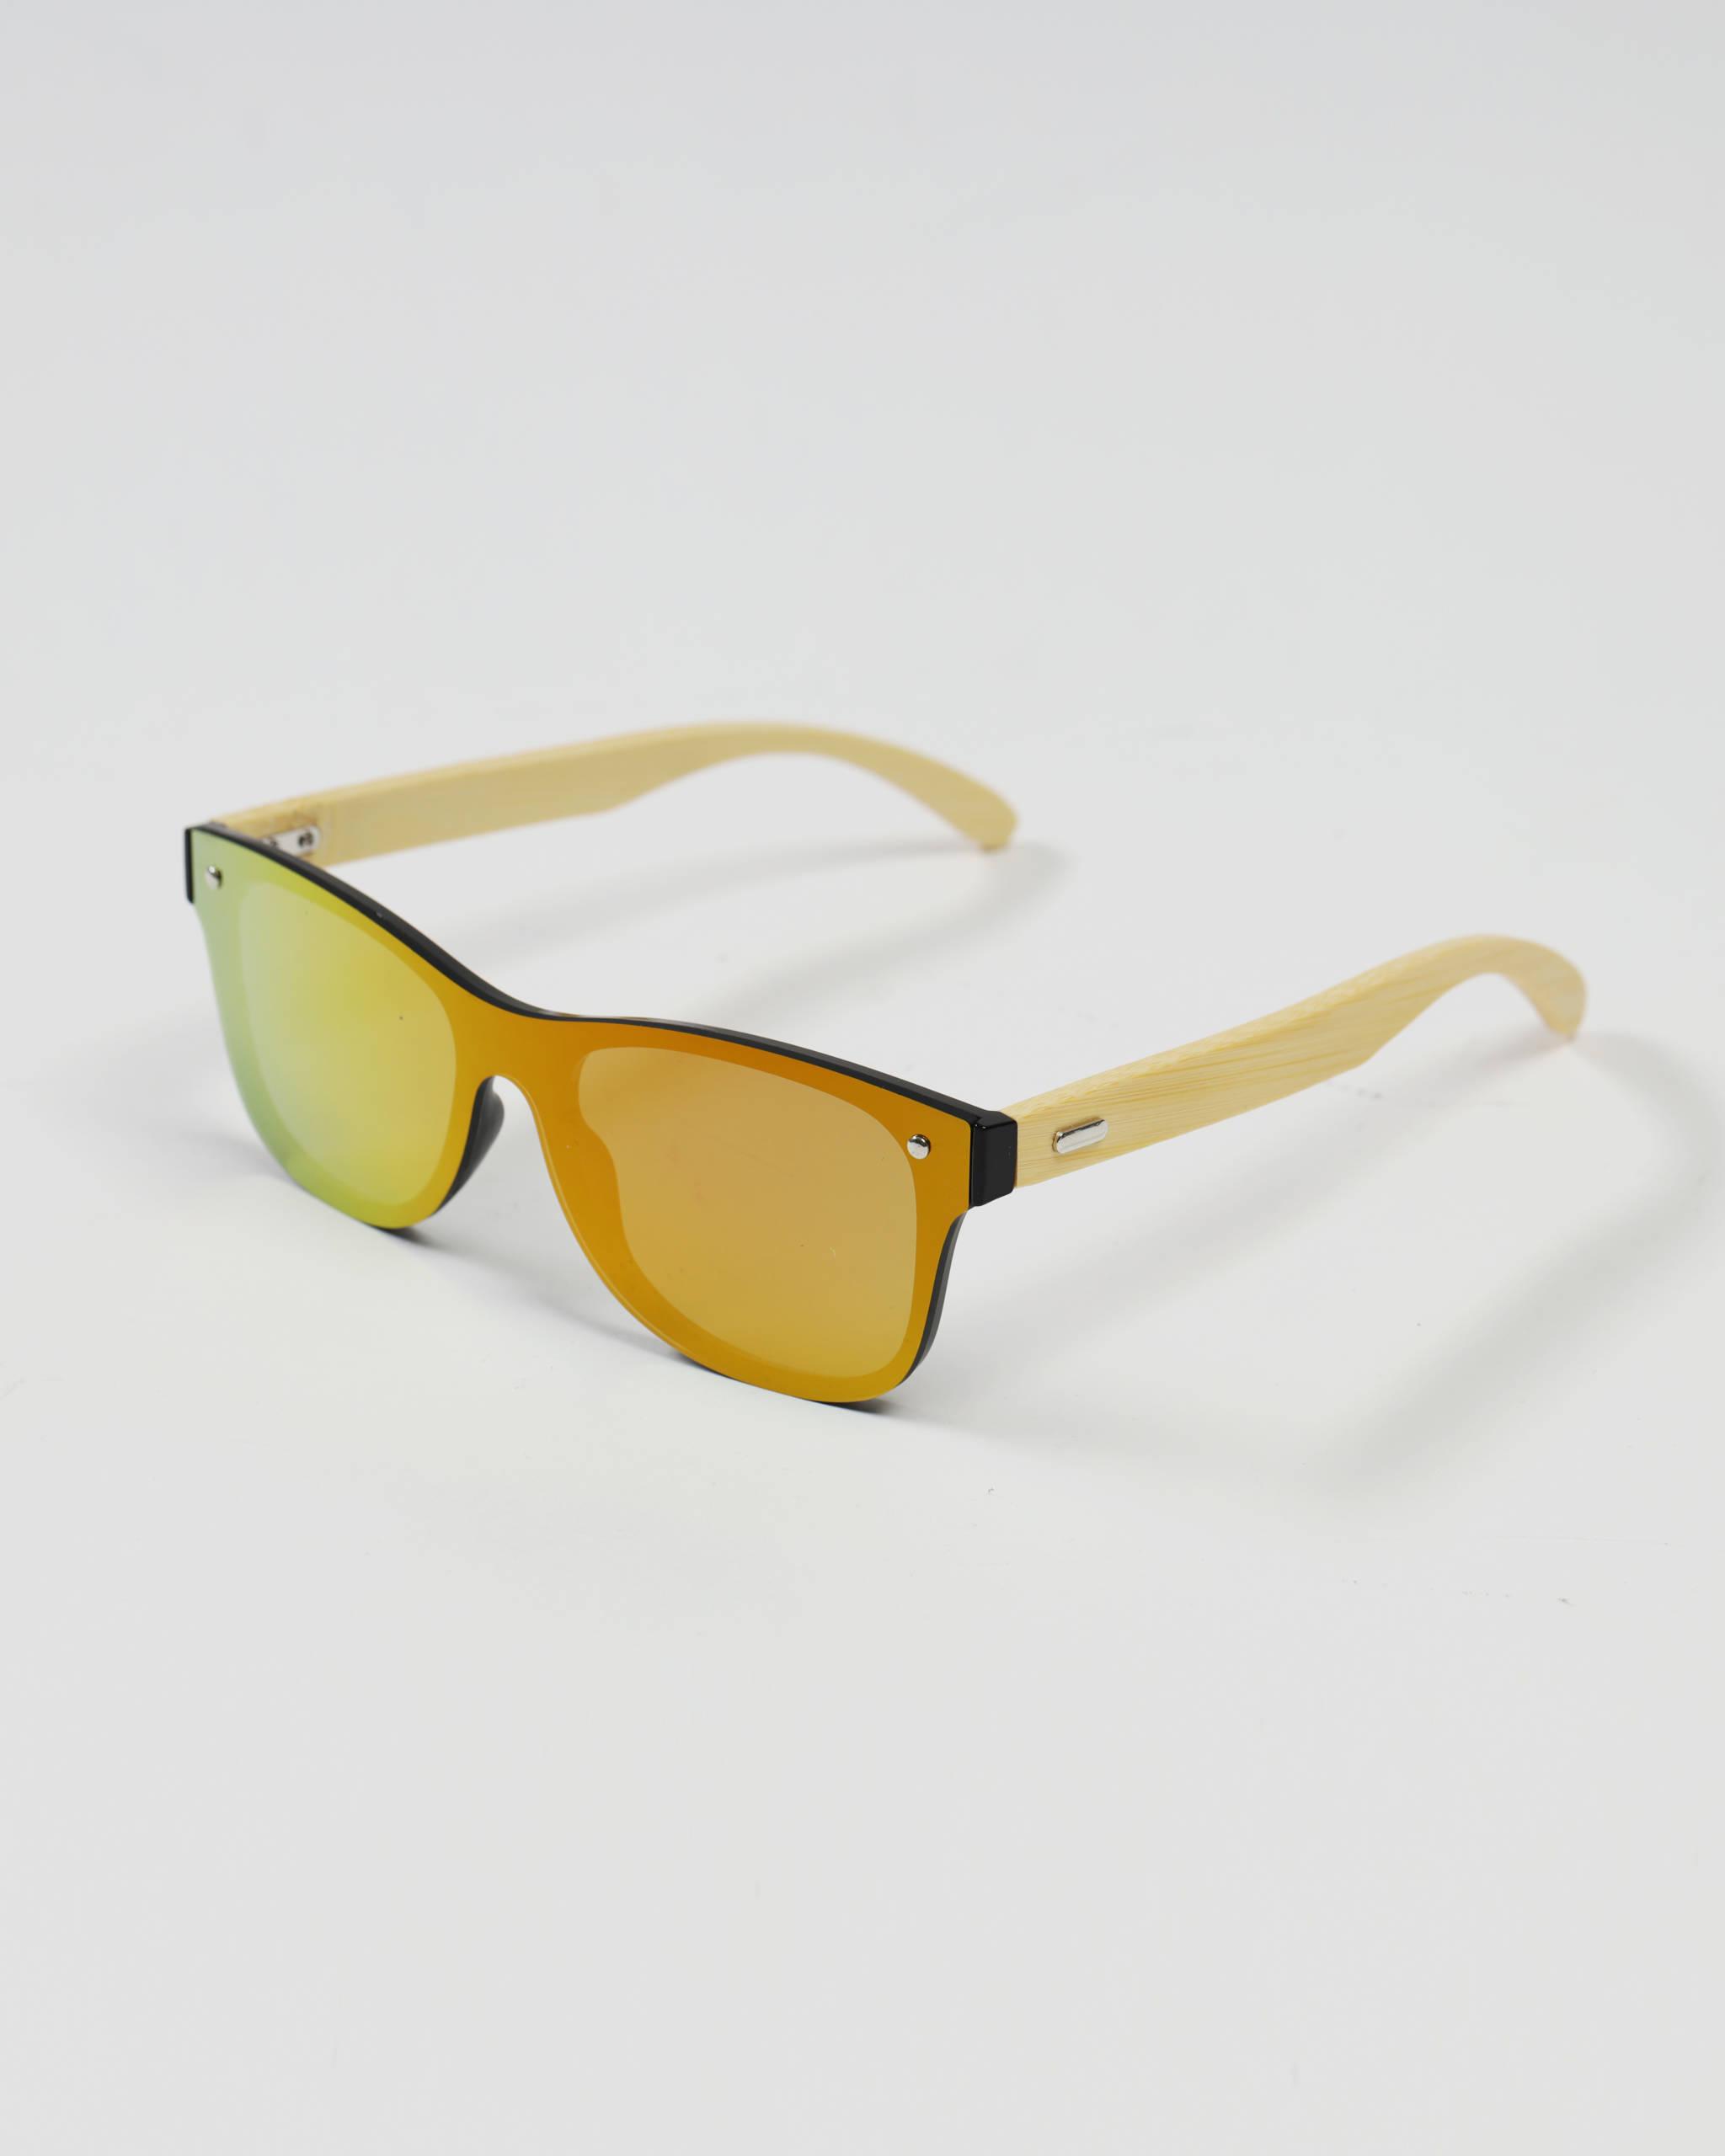 Okulary przeciwsłoneczne drewniane żółte